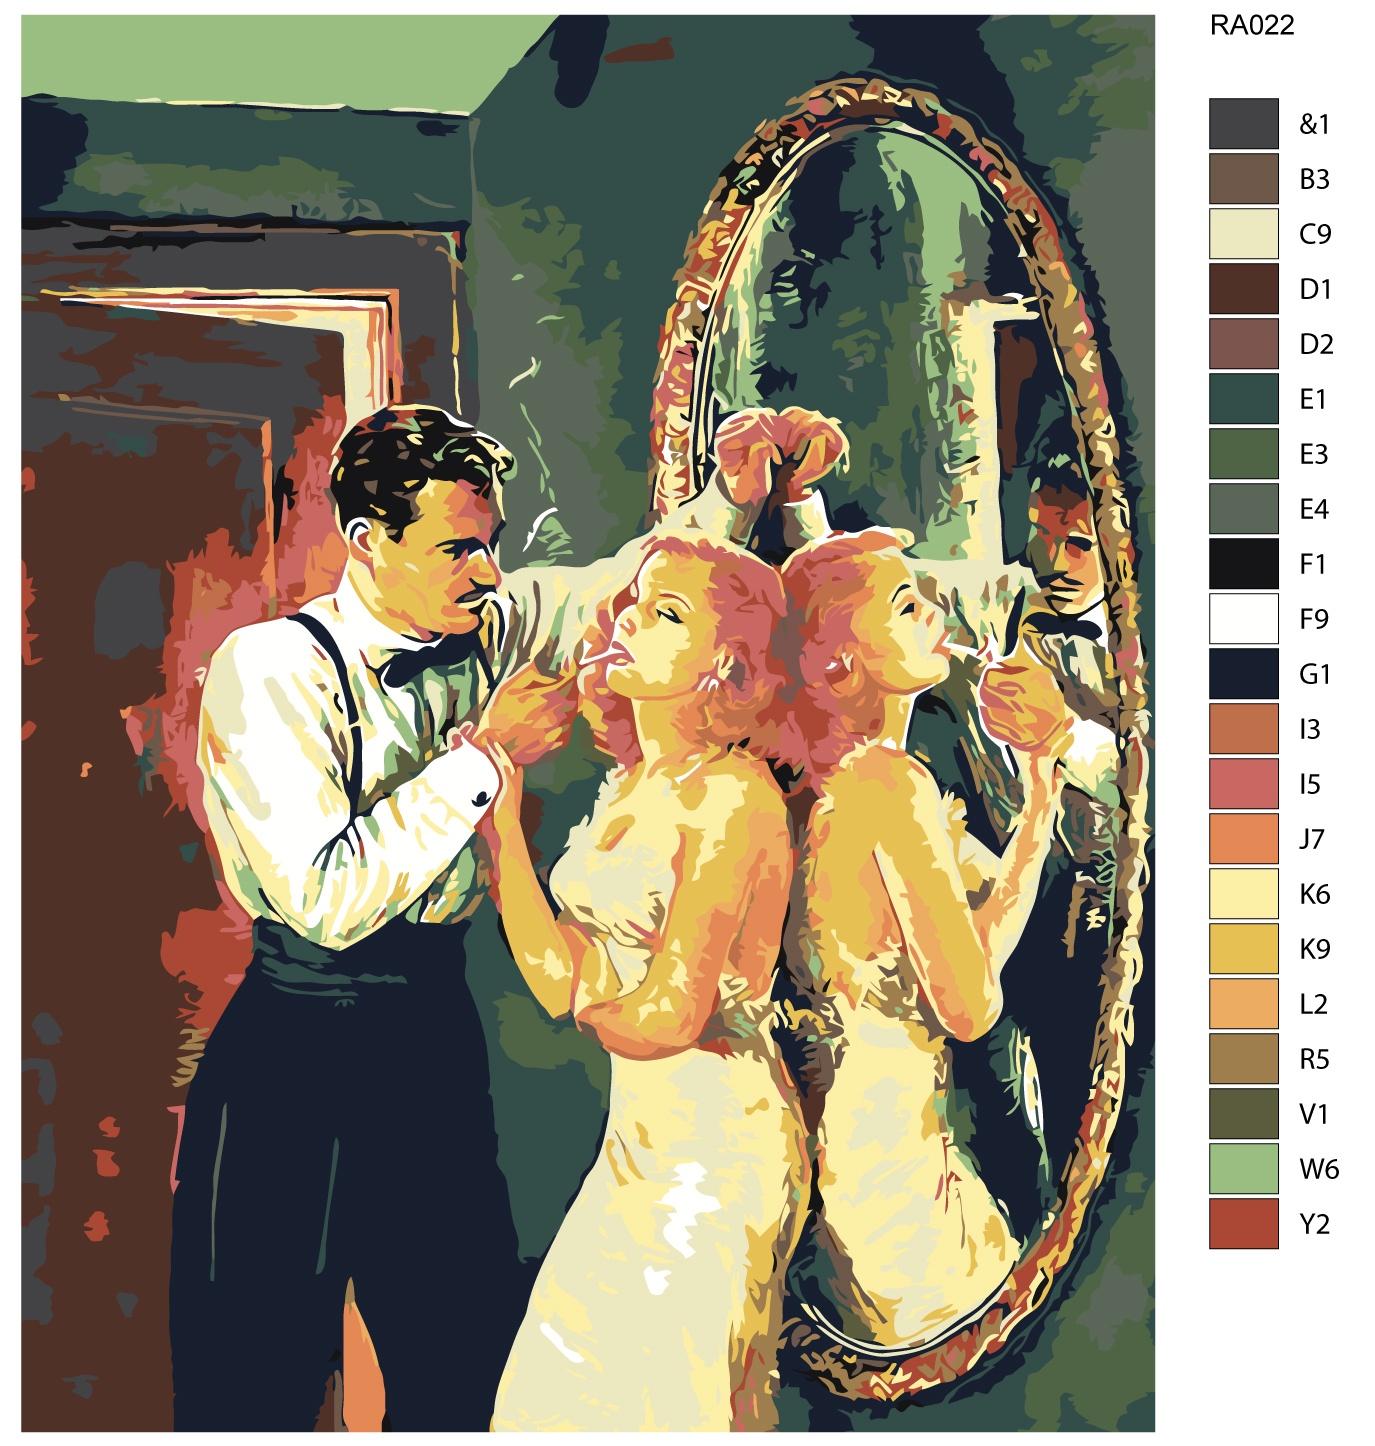 Картина по номерам, 80 x 100 см, RA022